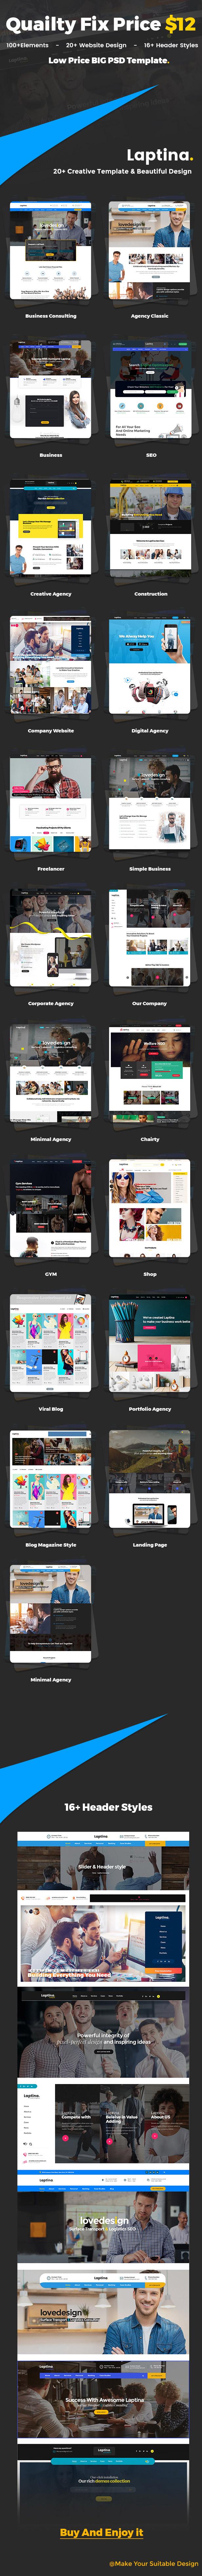 高品质的时尚多用途完美的金融咨询和商业商务网站设计模板(psd) laptina_psd